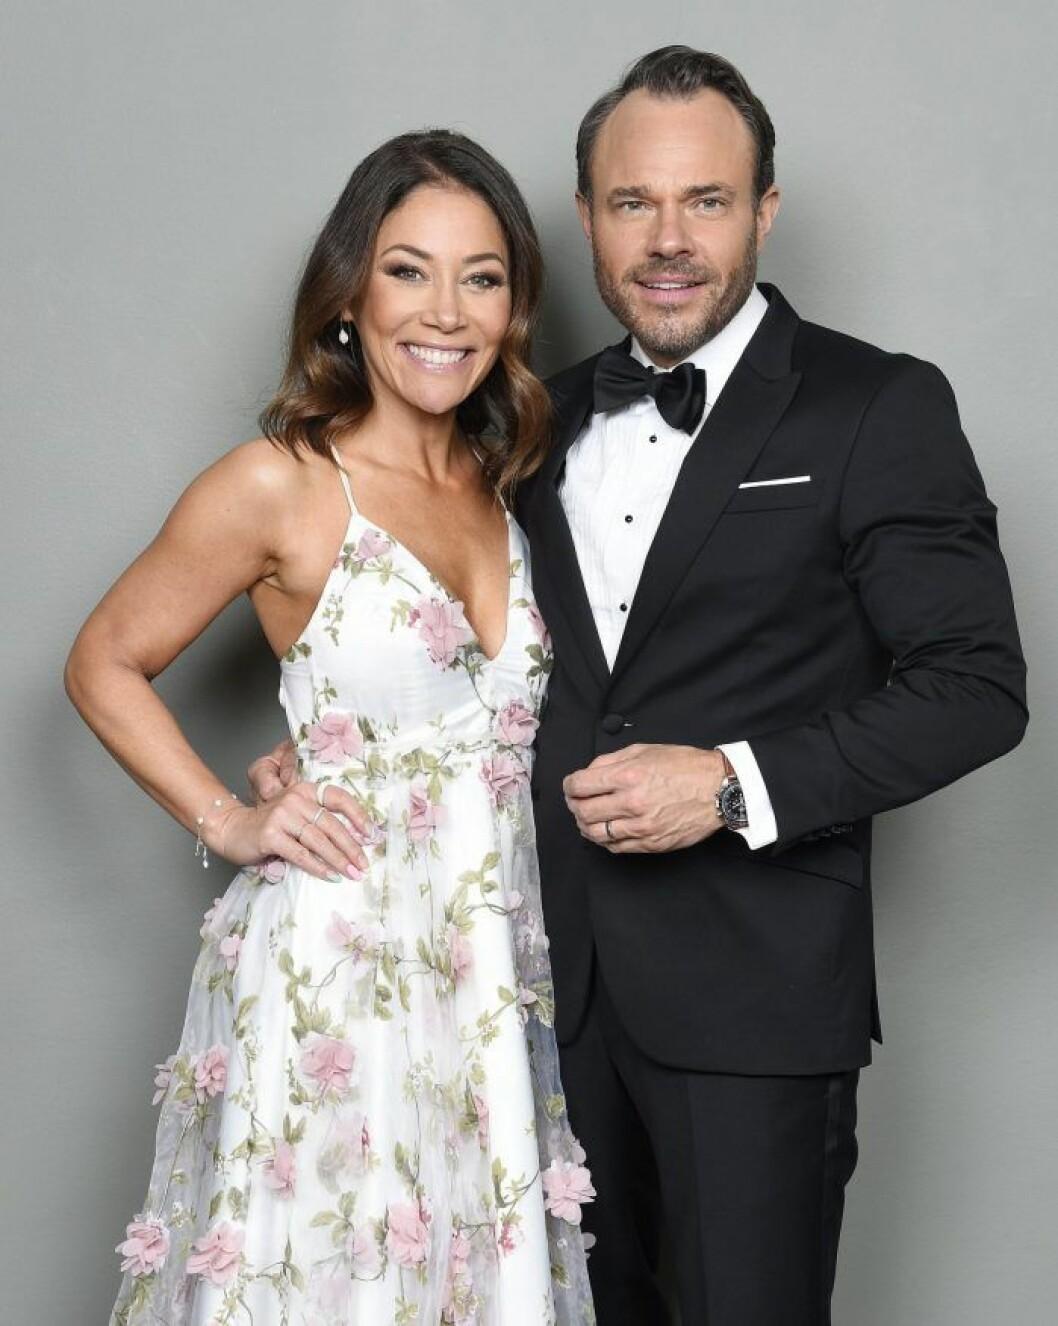 Tilde de Paula Eby och David Hellenius är programledare för Let´s dance i TV4.